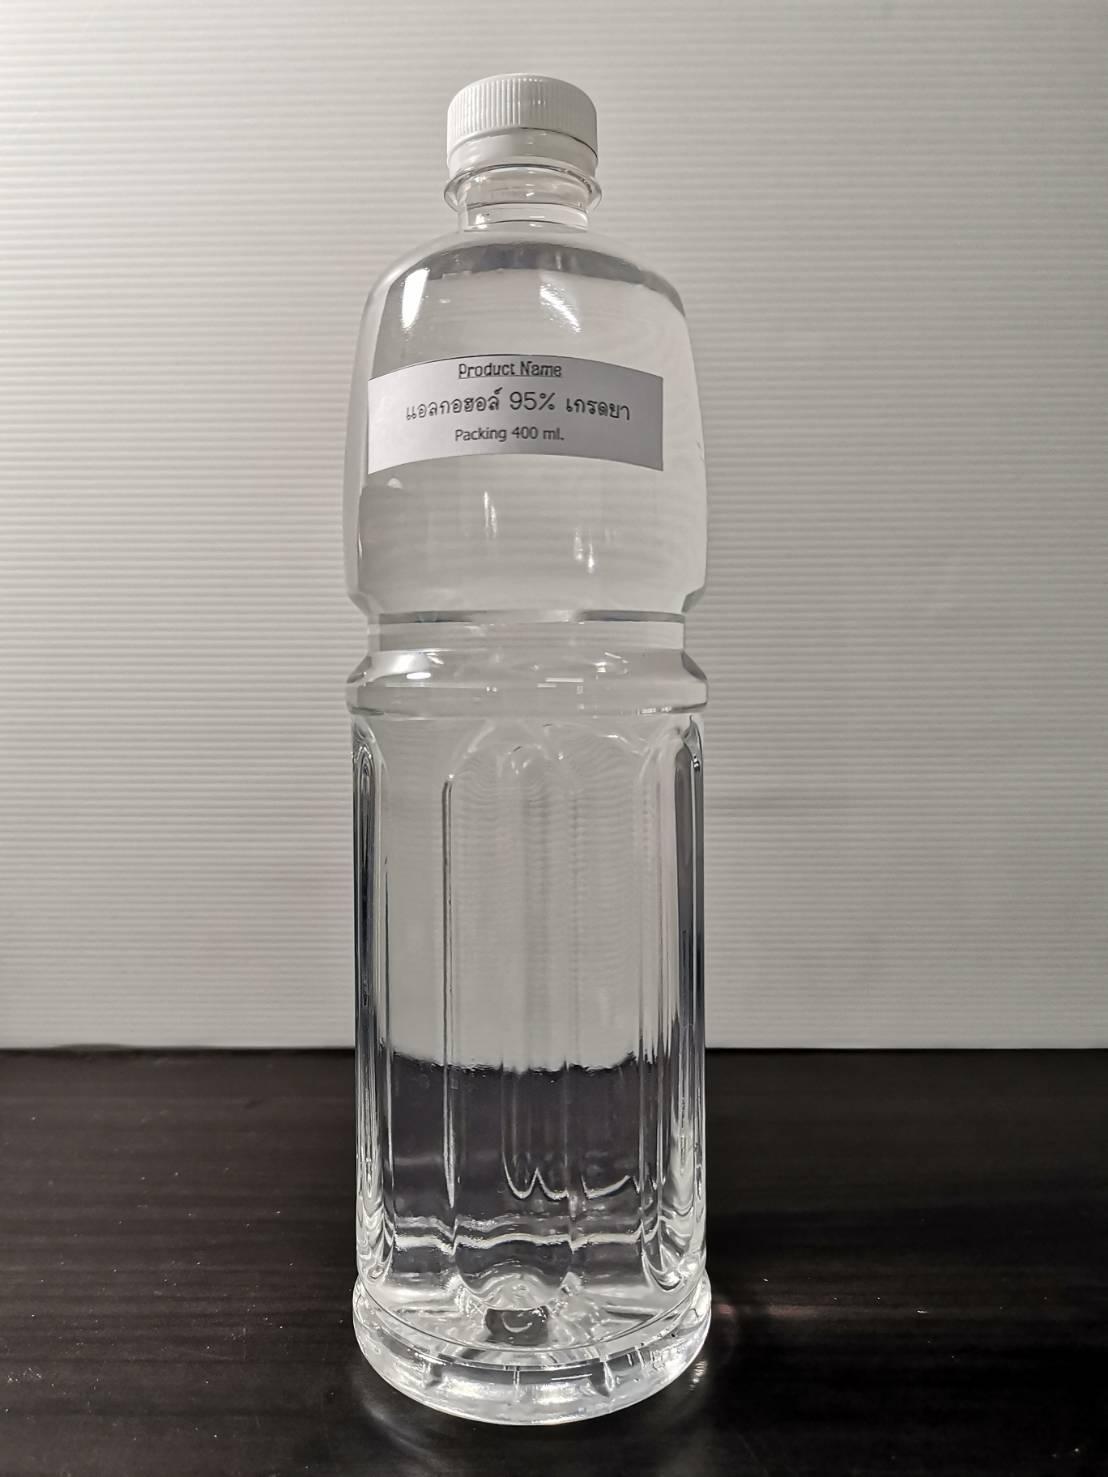 เอธิลแอลกอฮอล์ 95% เกรดอาหาร ยา